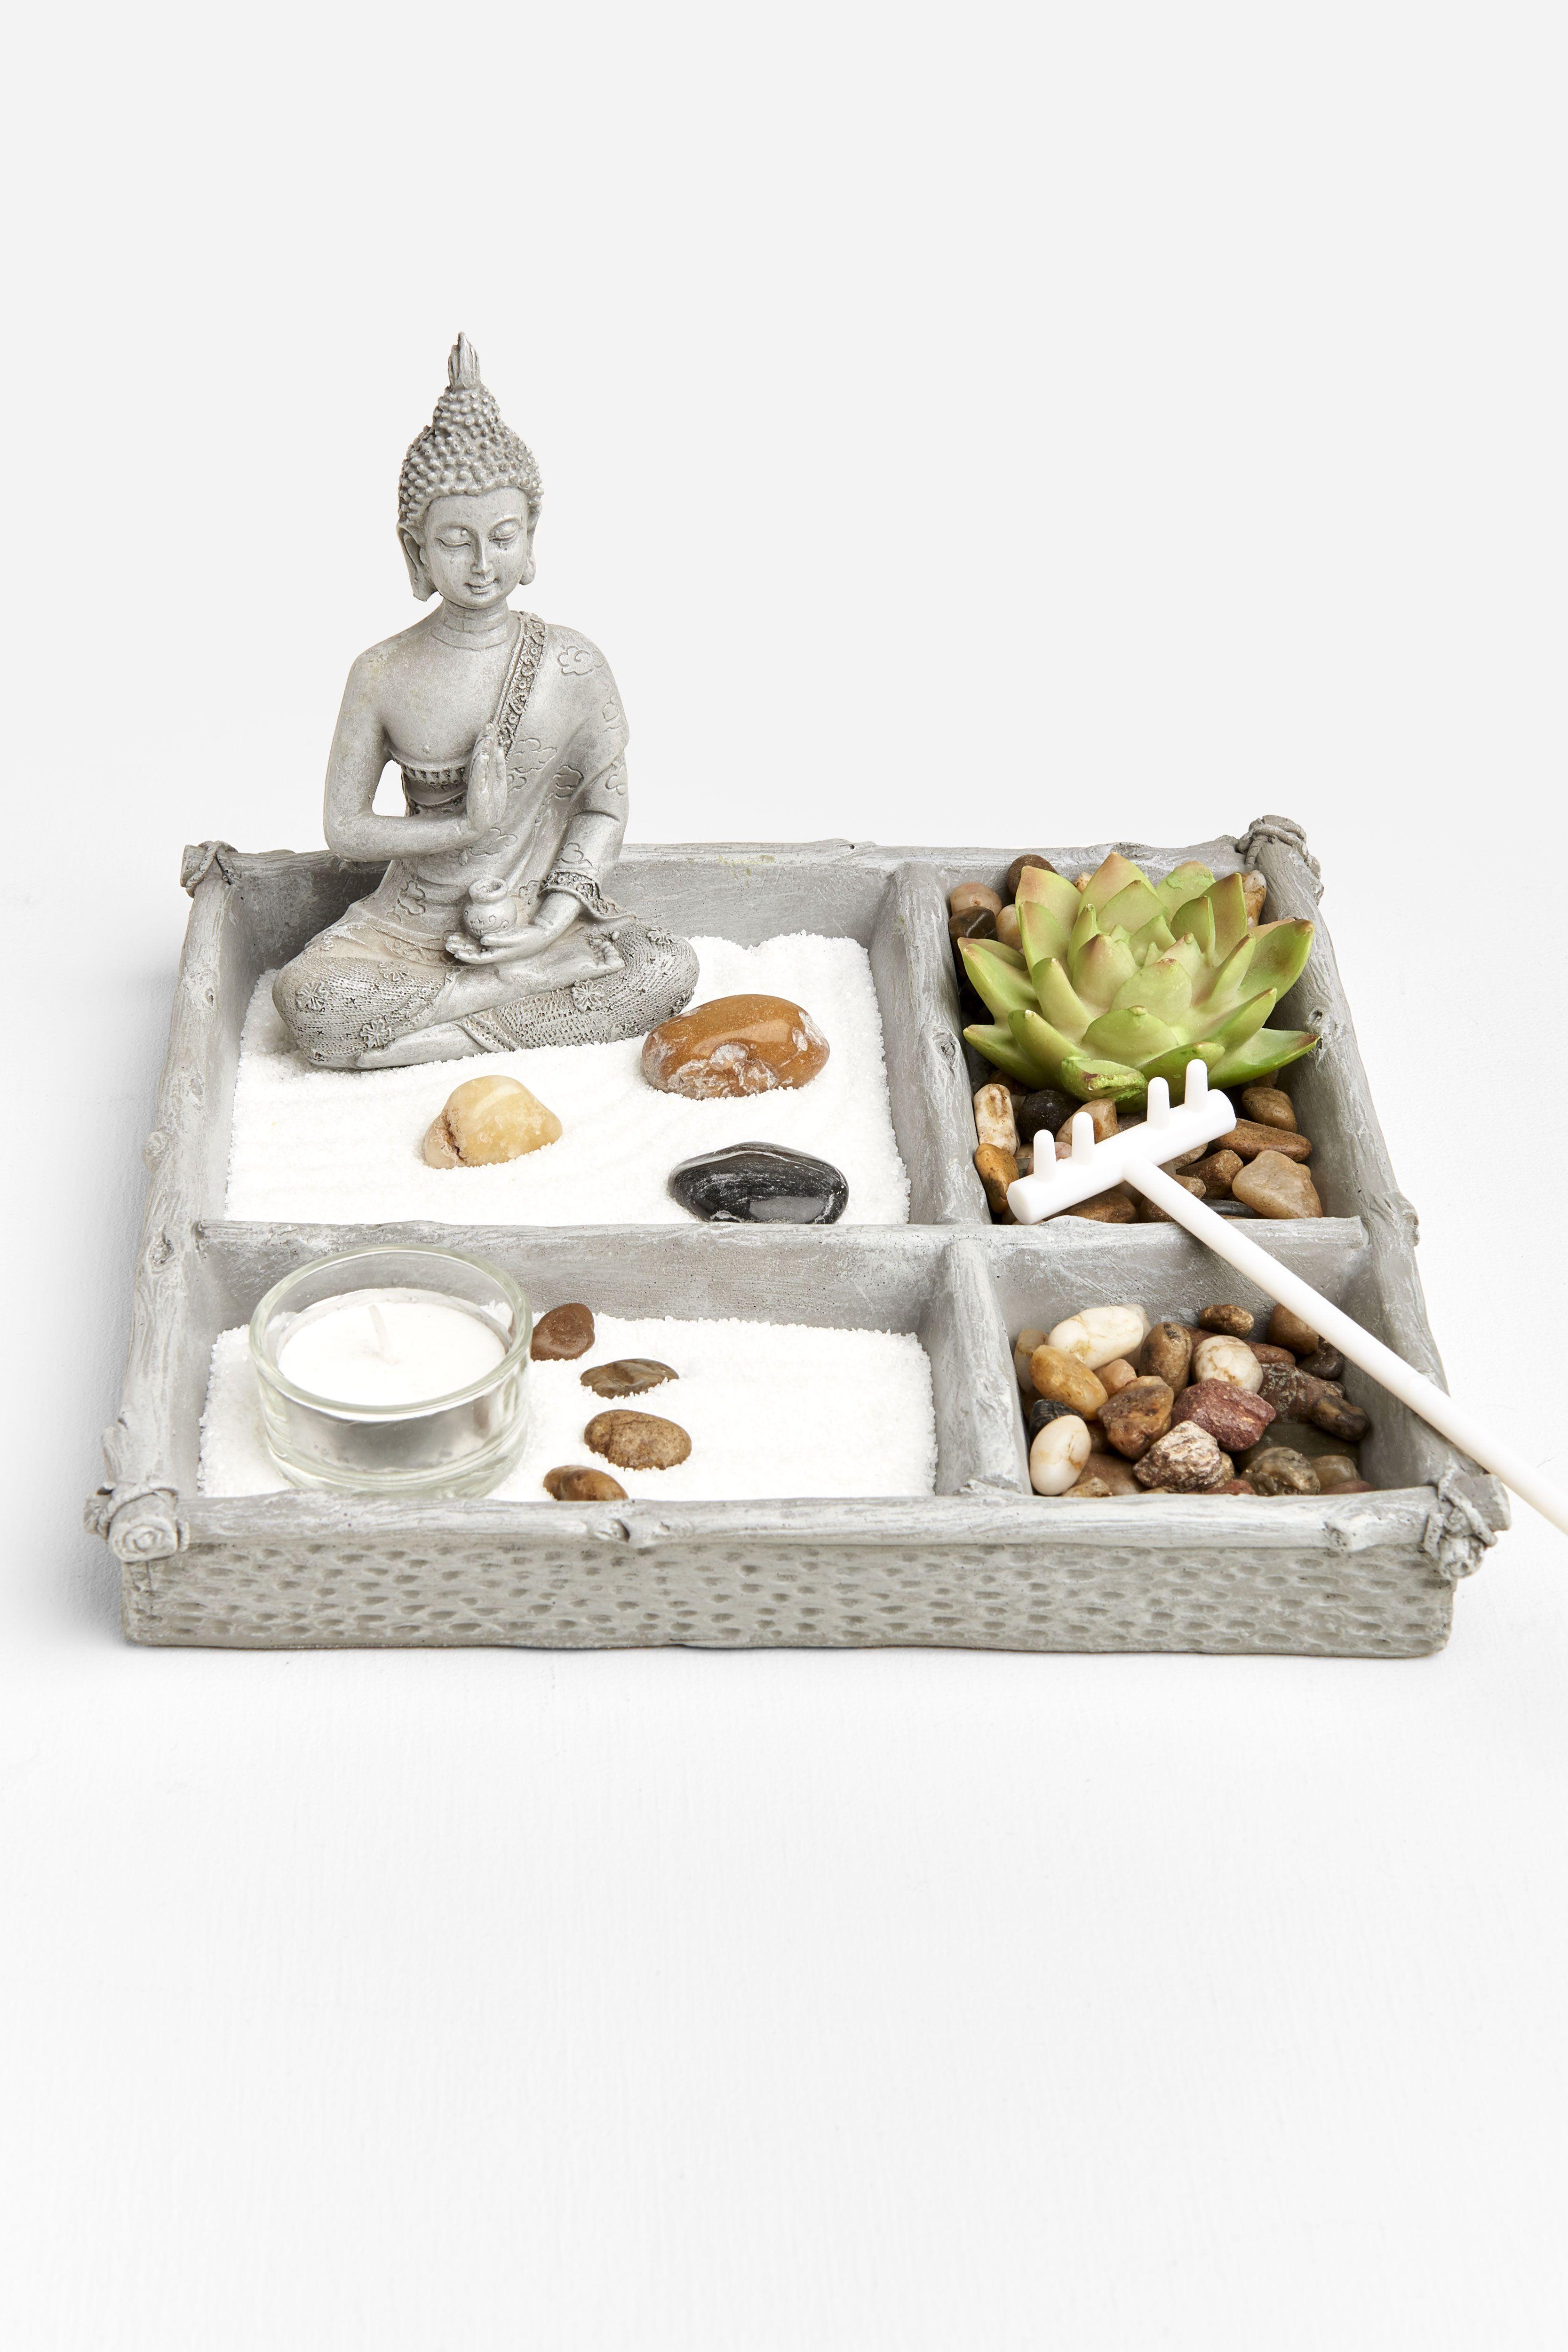 Buddha Box Zen Garden Zen Garden Zen Home Decor Spiritual Decor